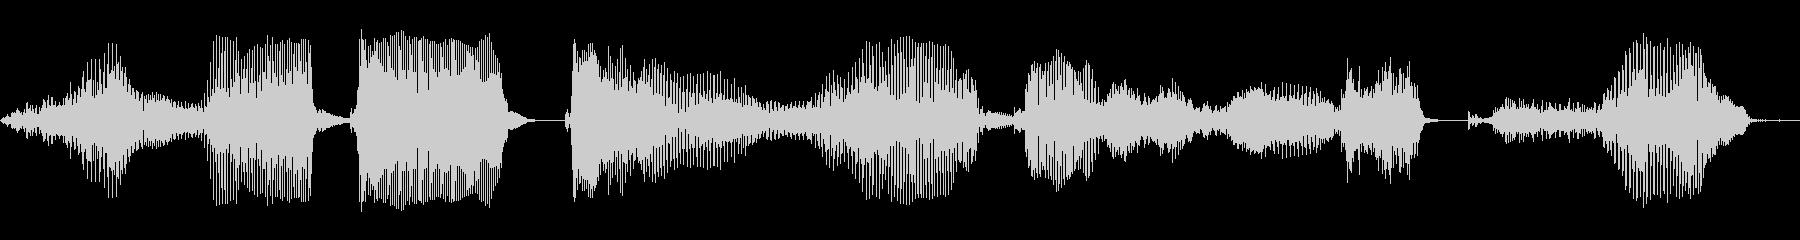 このデータをロードしますか?の未再生の波形